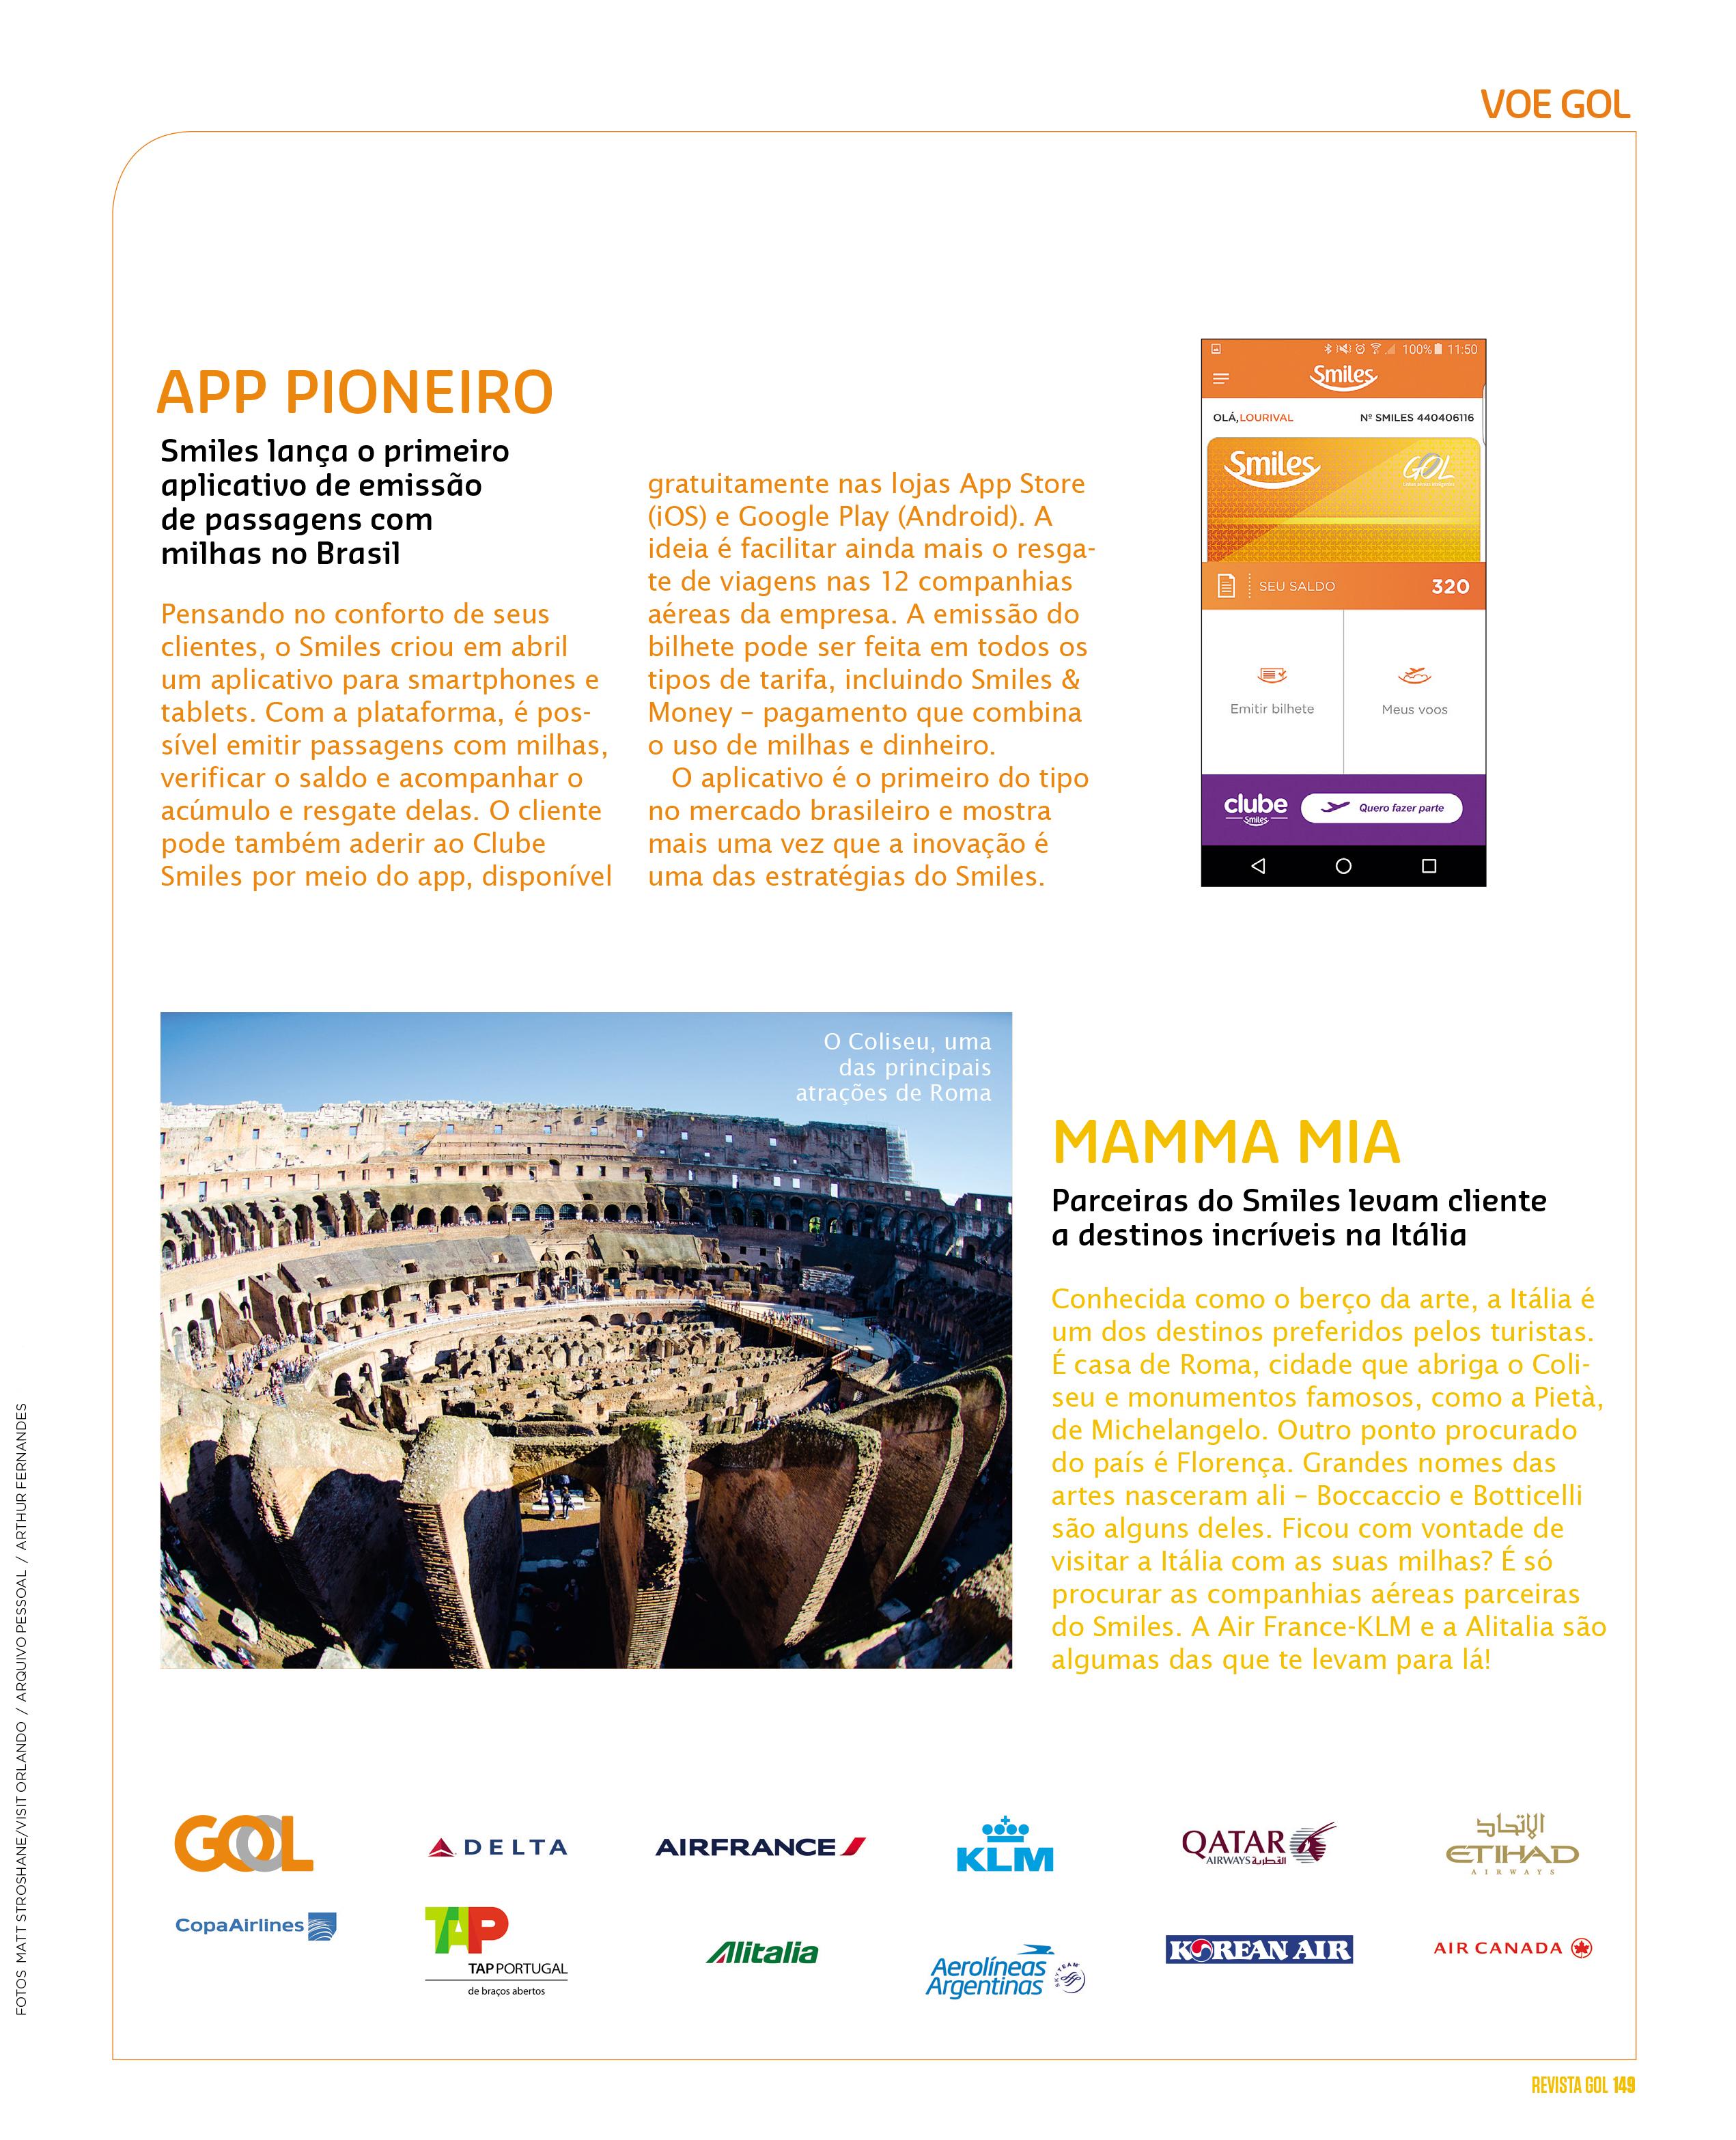 Revista GOL 170